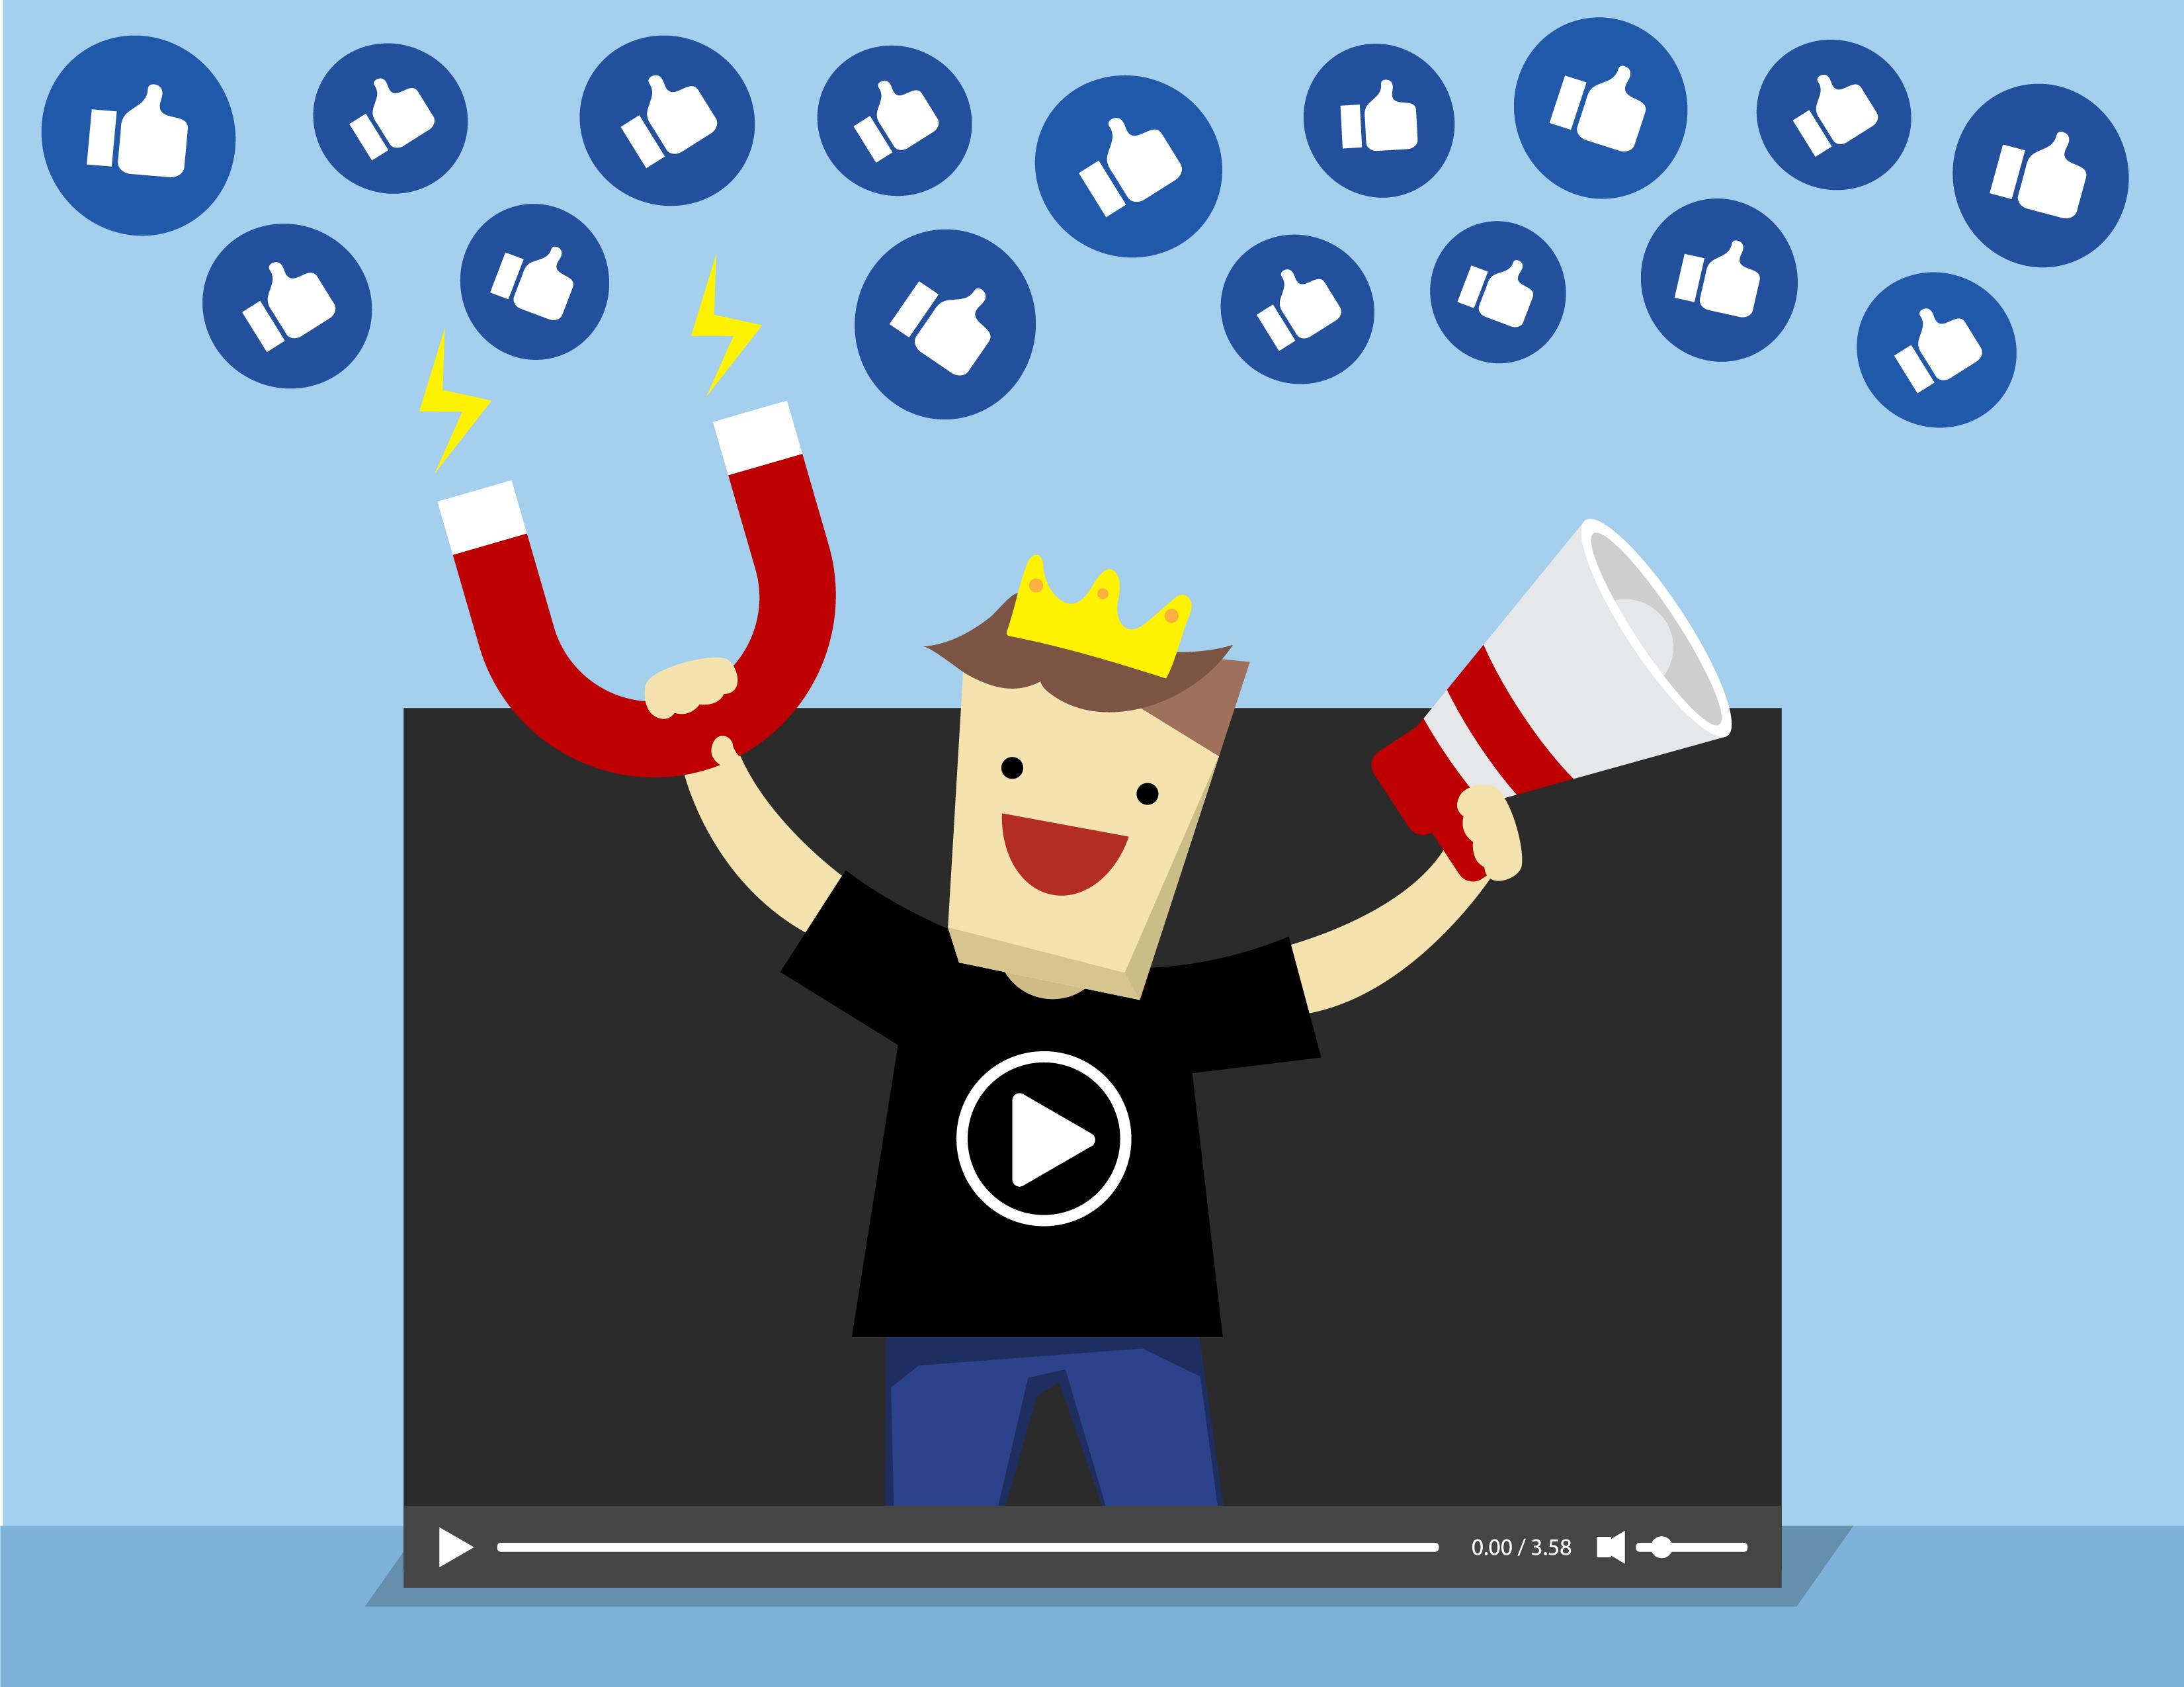 온라인에서 막강한 영향력을 가진 인플루언서. 한국에선 파워 블로거나 BJ, 유튜브 크리에이터가 이에 해당합니다.